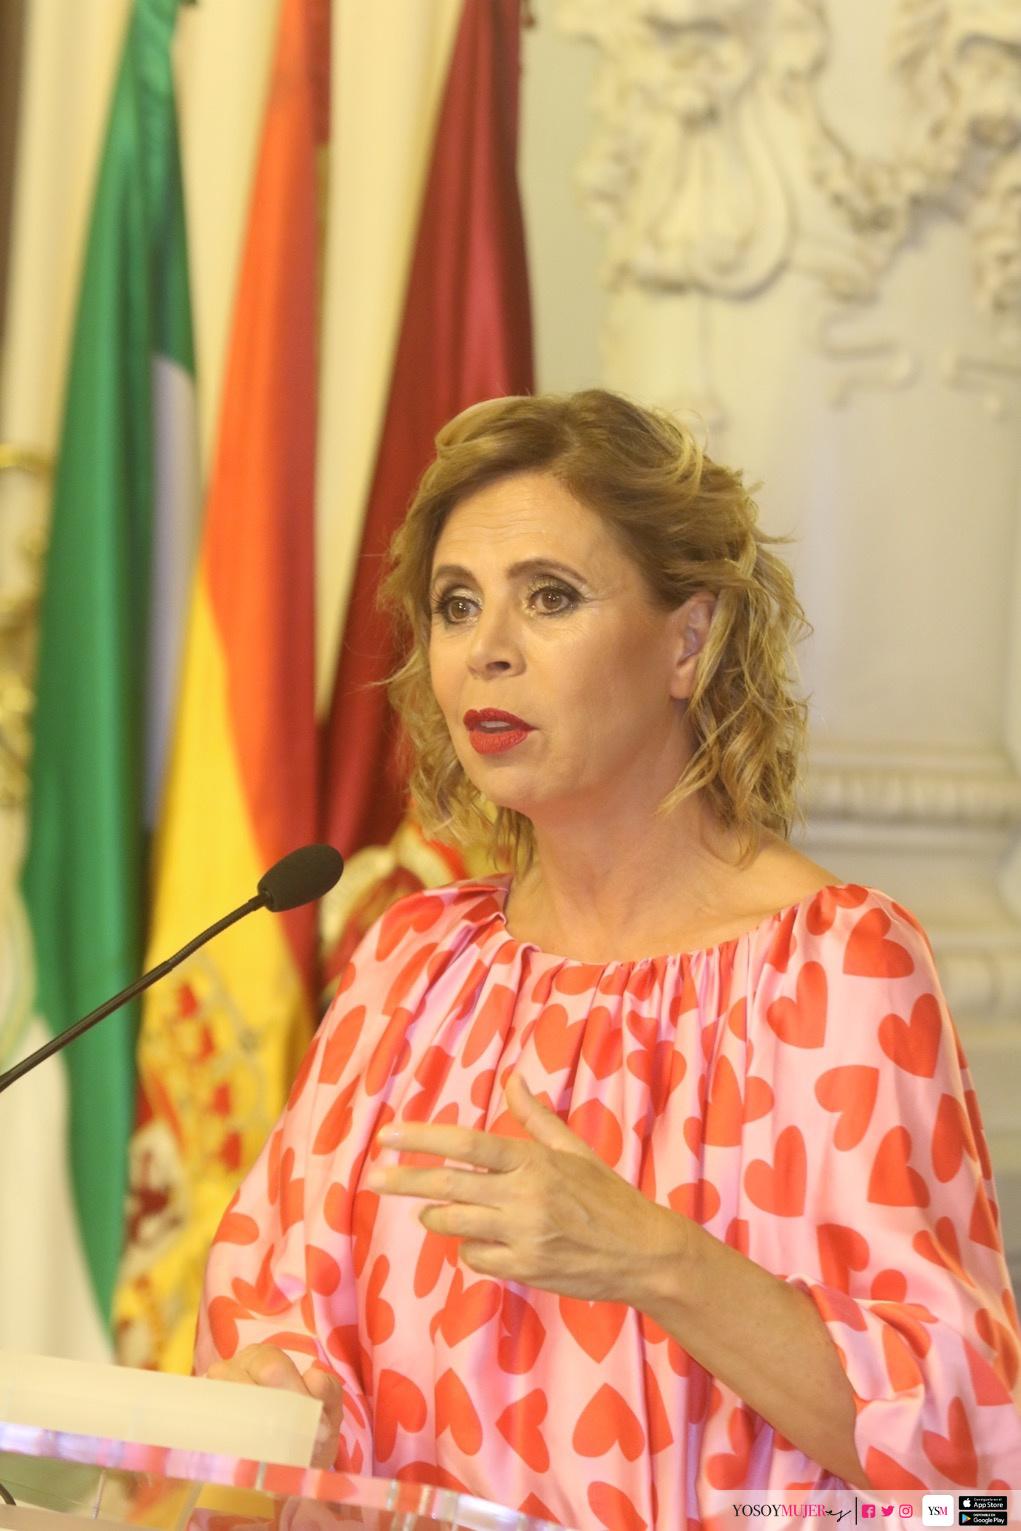 e201404c9e Agatha Ruiz de la Prada ha recibido premios a esa autenticidad a lo largo  de su carrera entre los que destacan el Nacional de Diseño, el Nacional  Honorifico ...